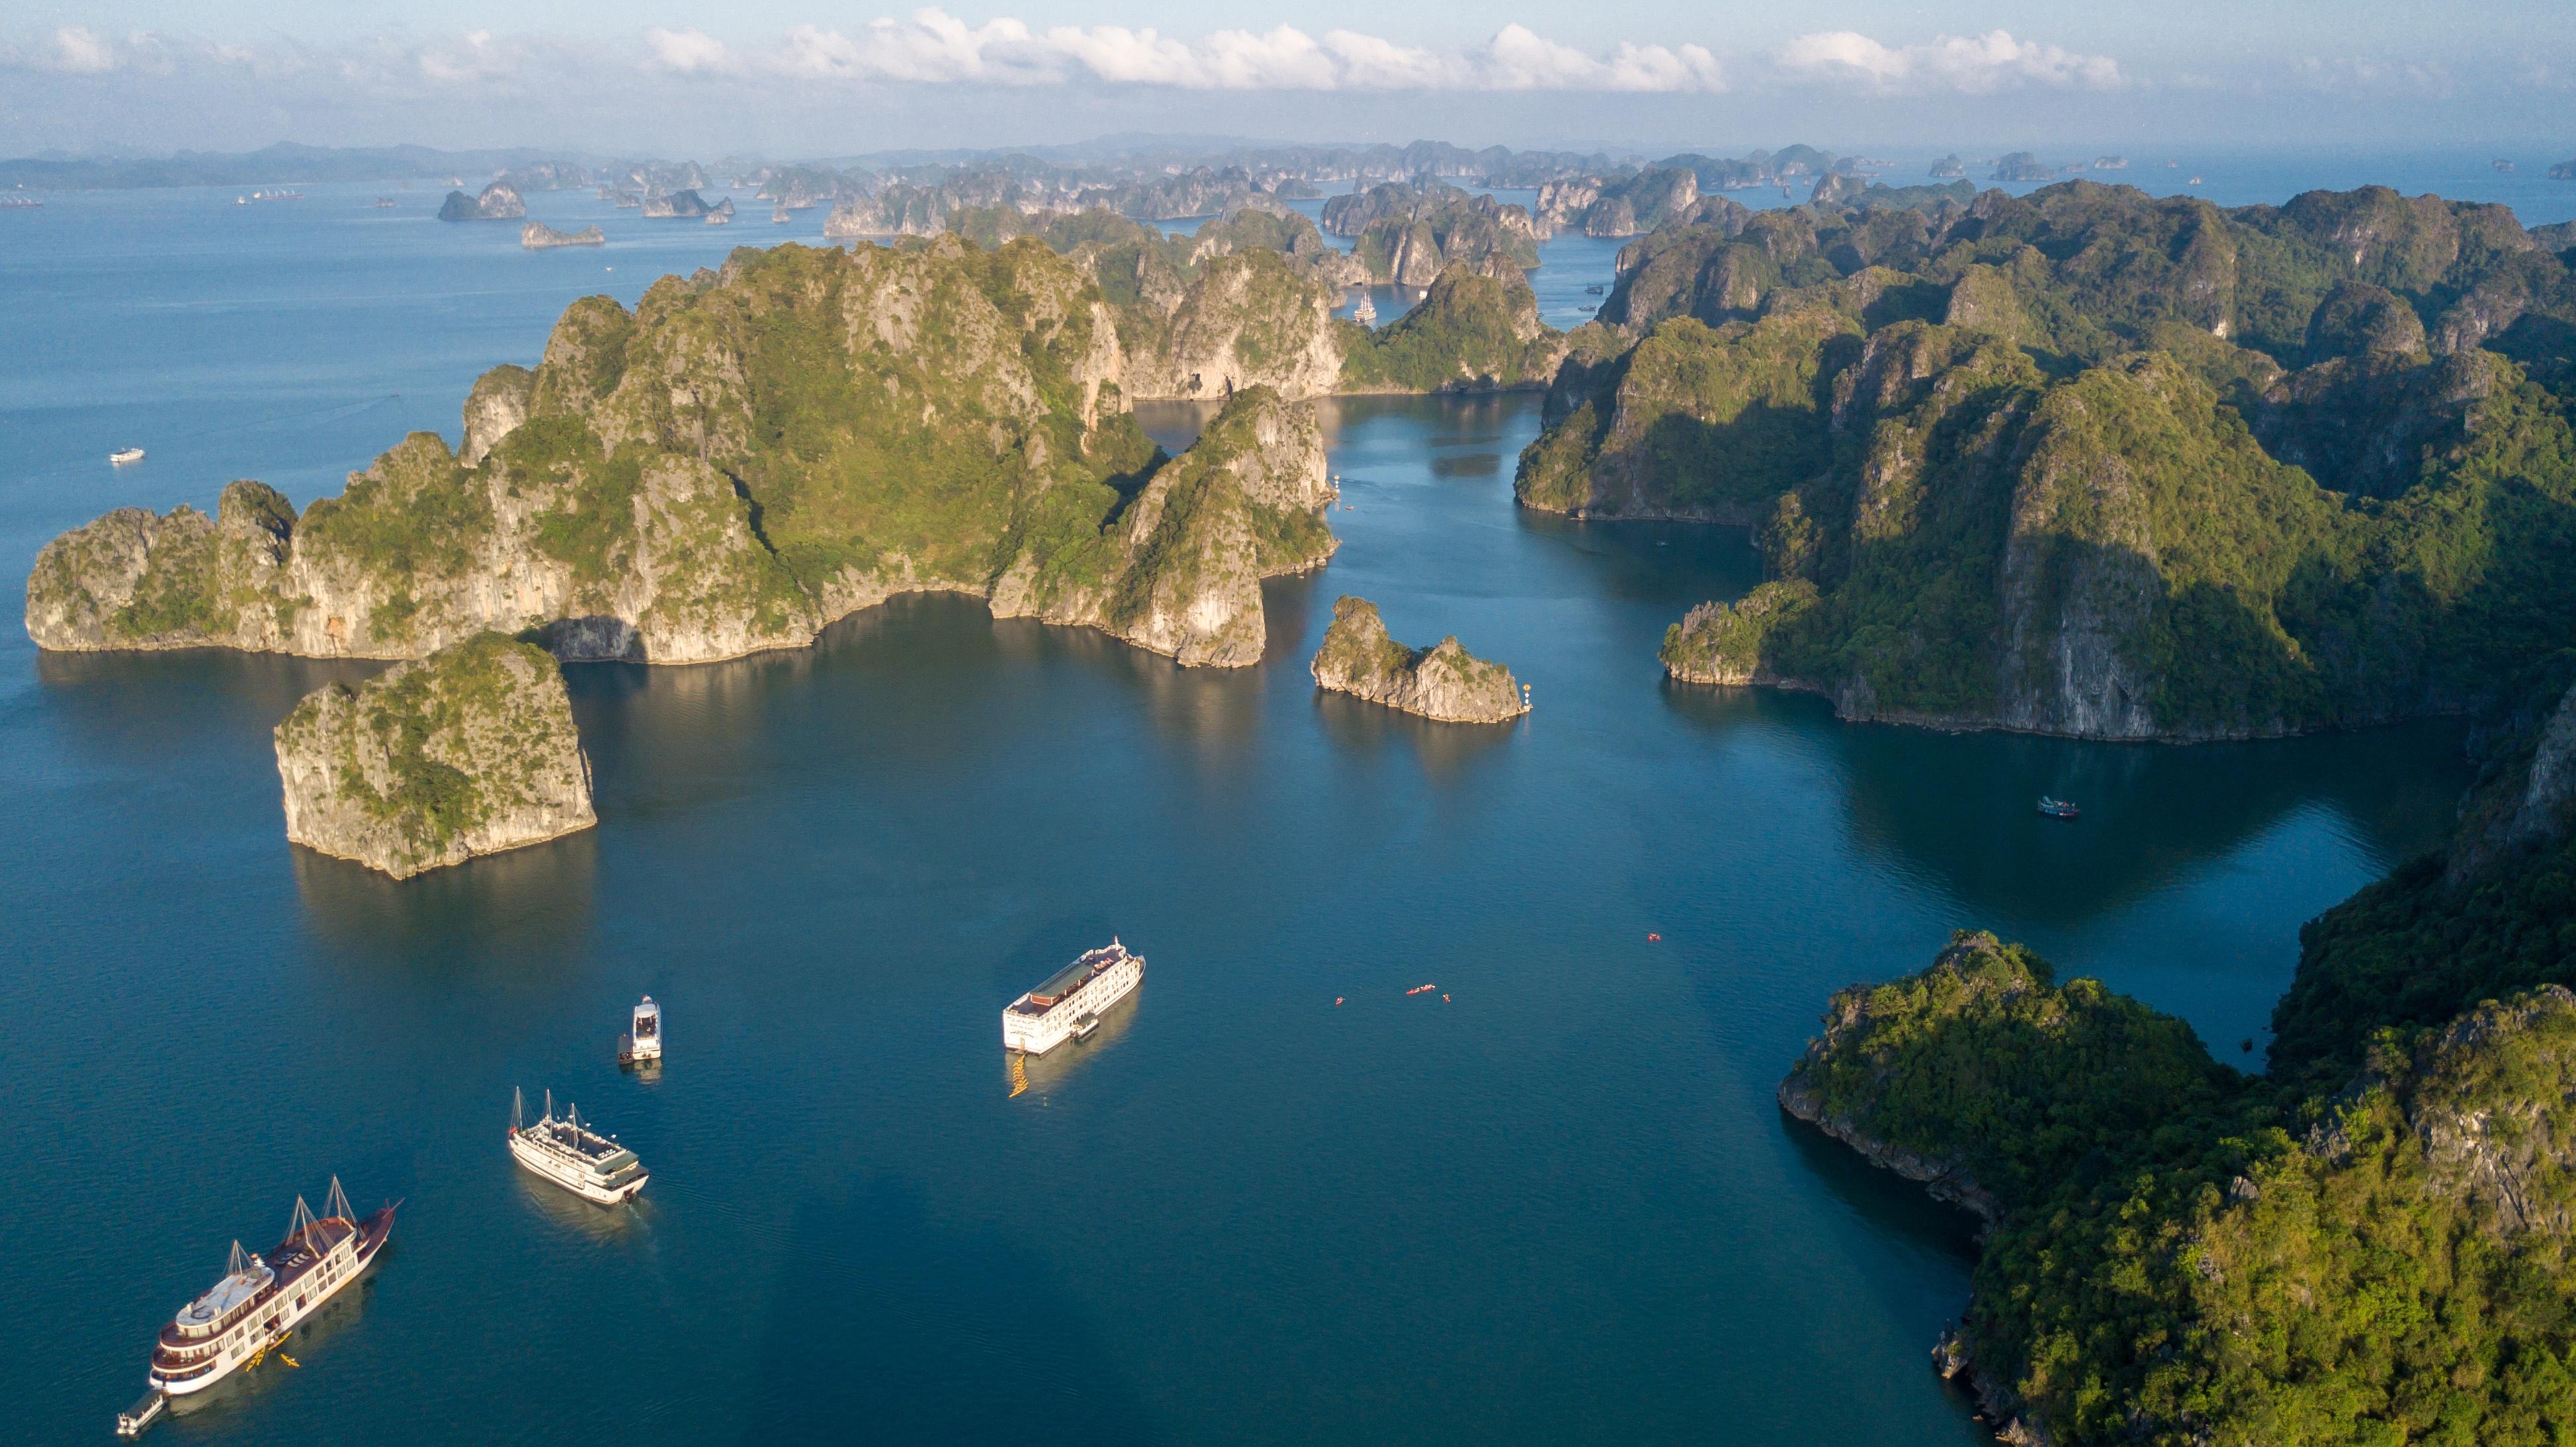 Halong Bucht ∙ Mit dem 5 Sterne Schiff durch das Weltkulturerbe ∙ Vietnam